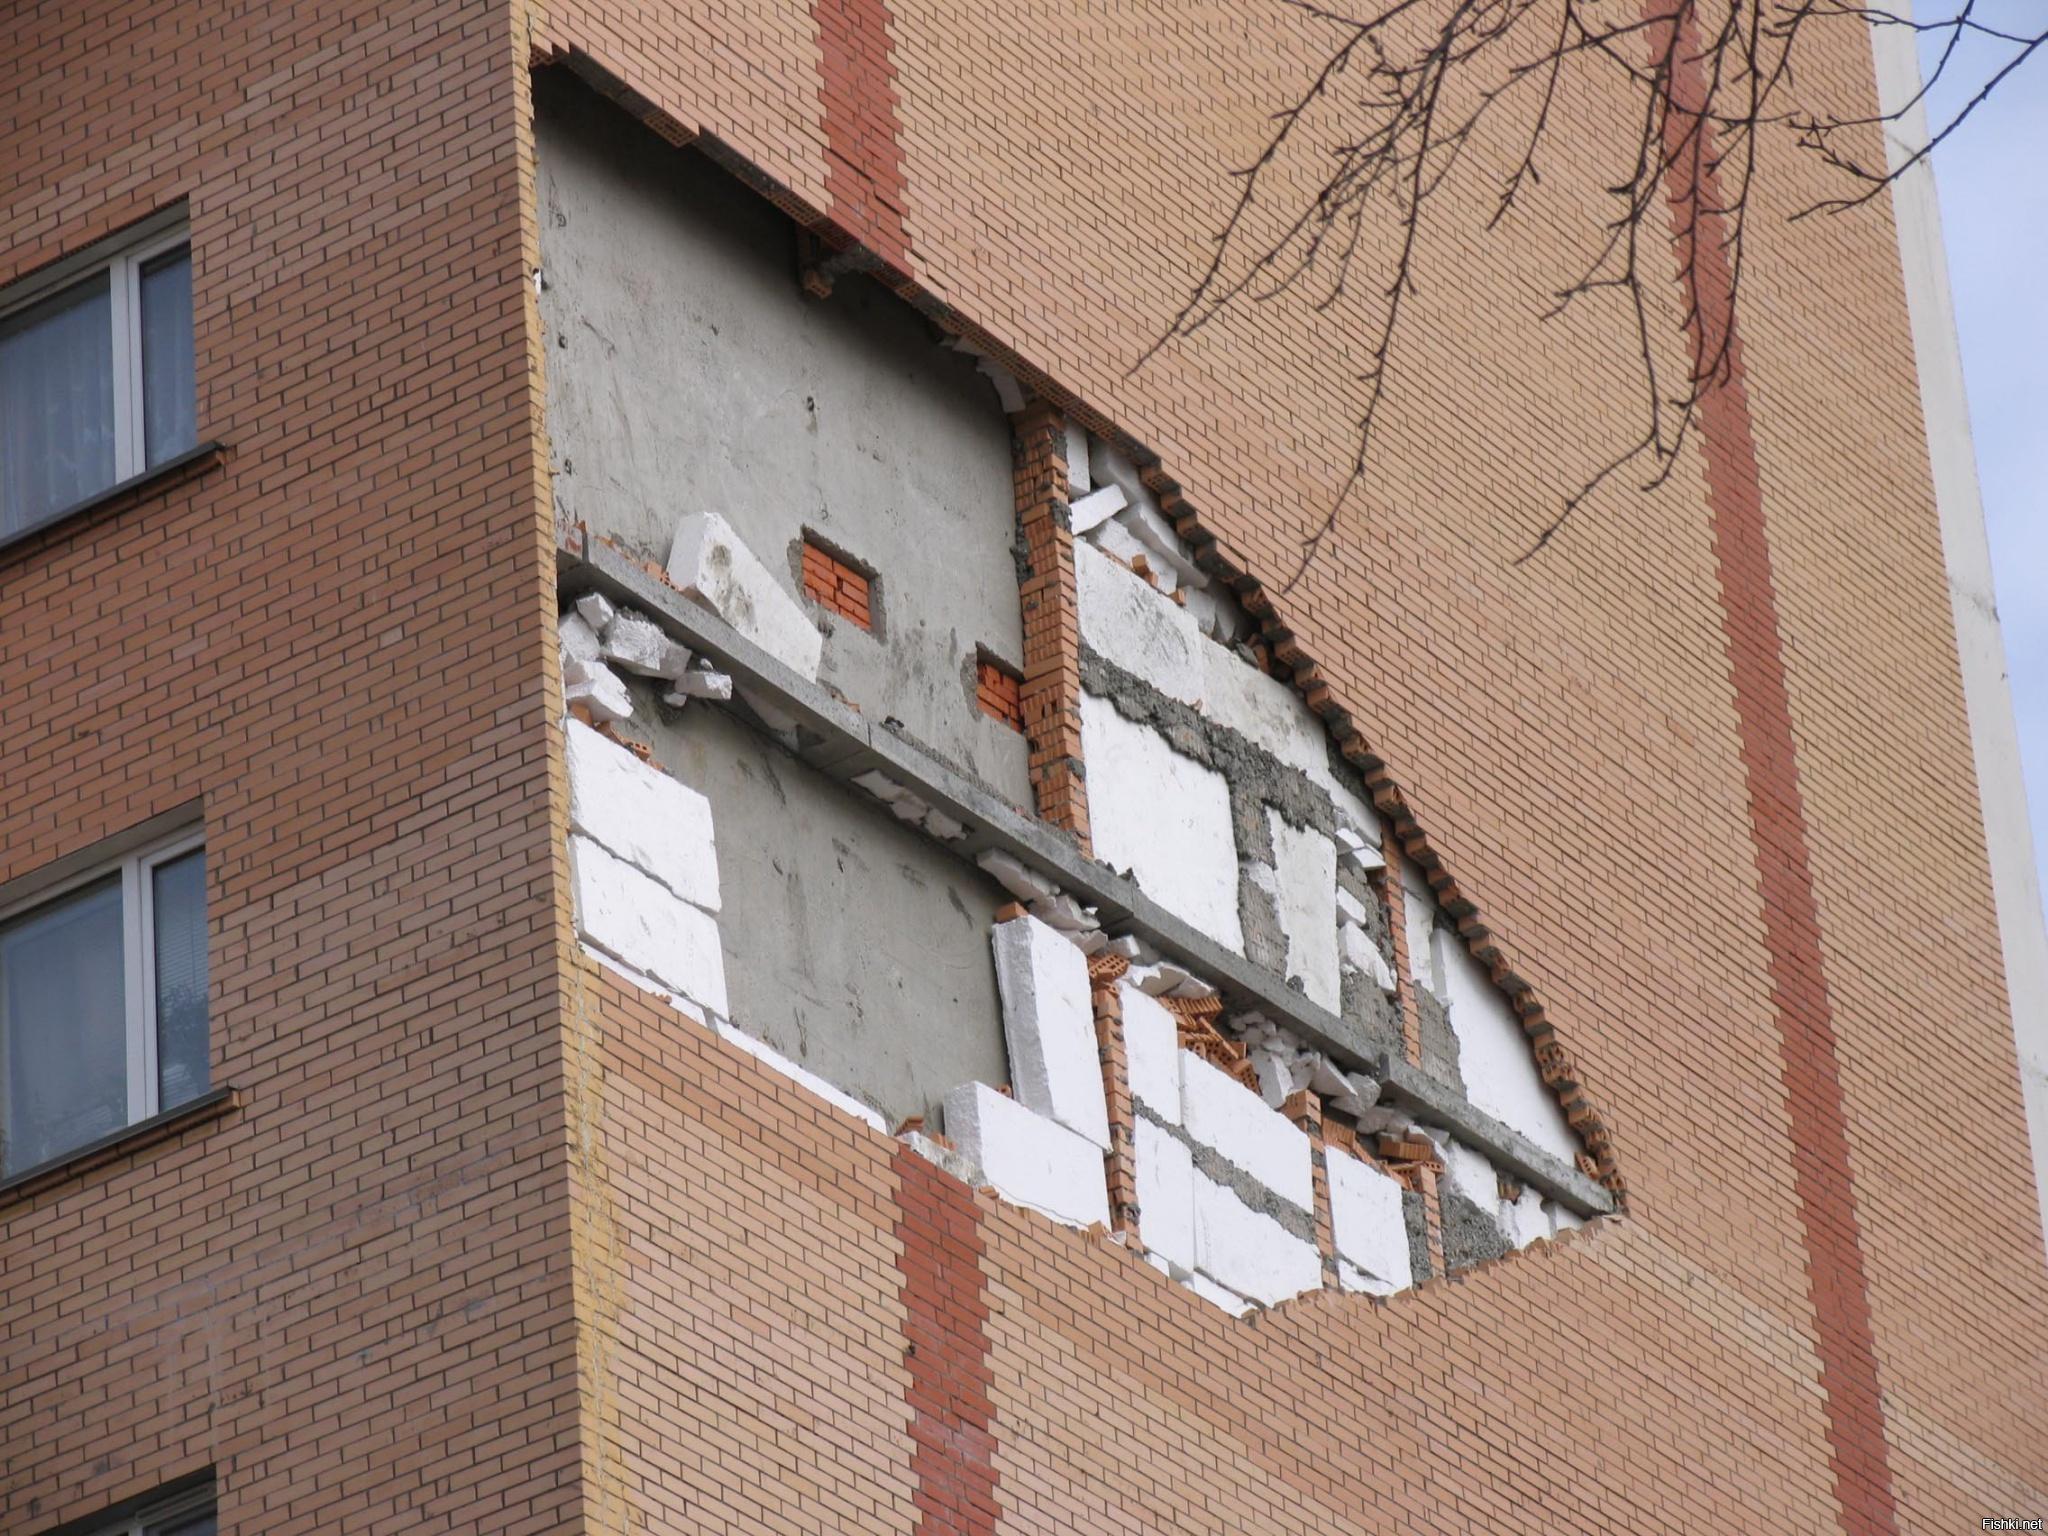 В санкт-петербурге на шоссе революции, с пятого этажа отвали.